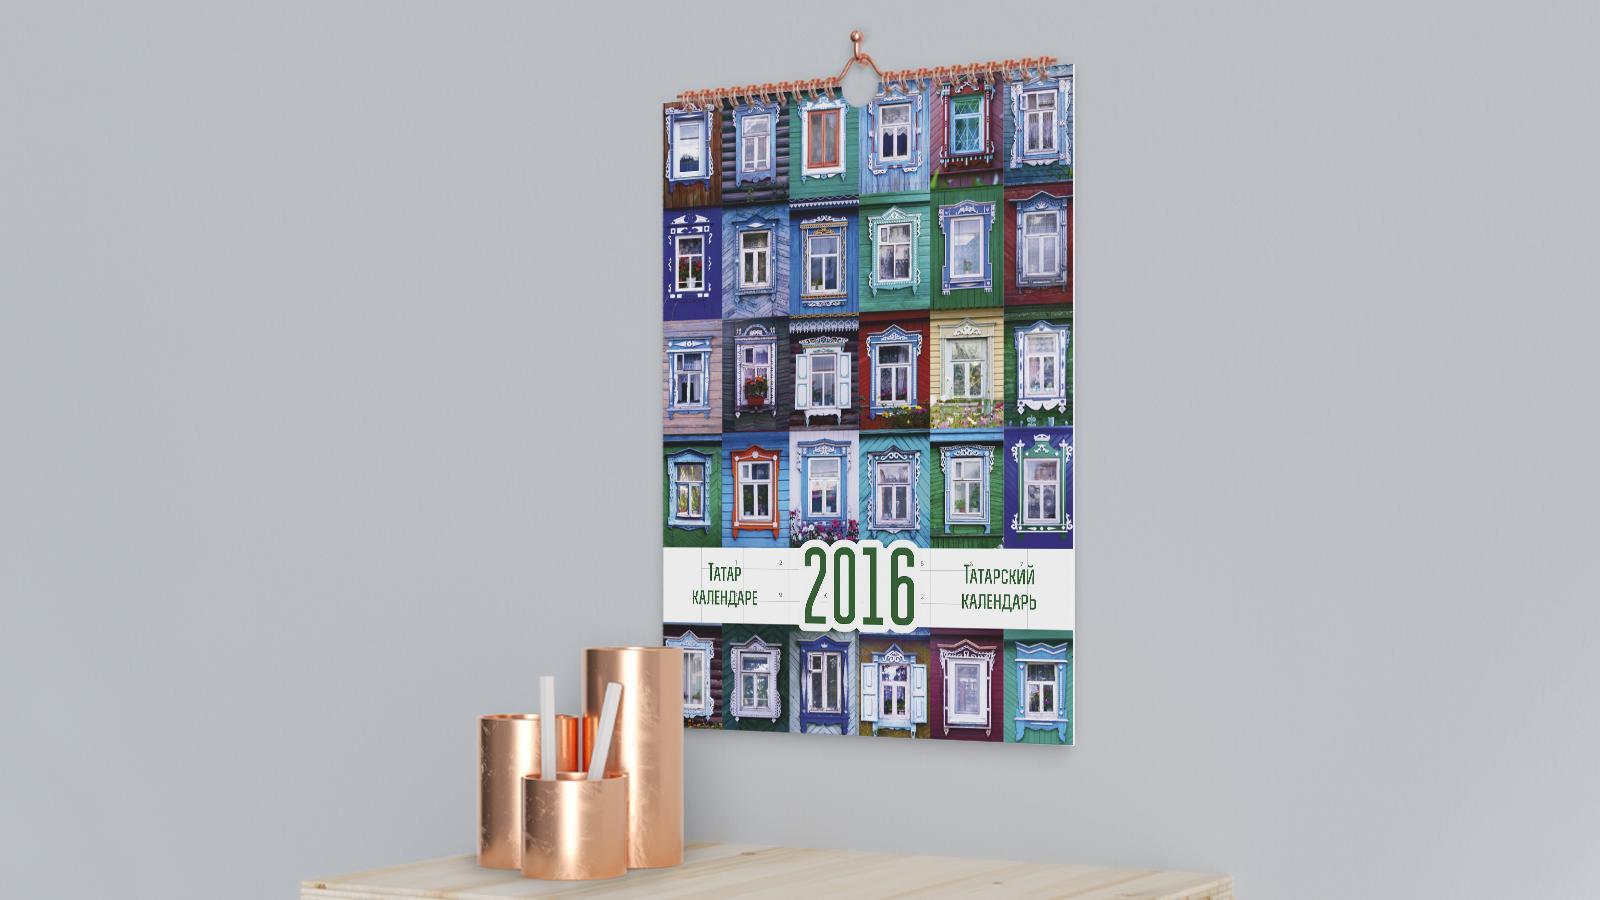 Татарский календарь 2016